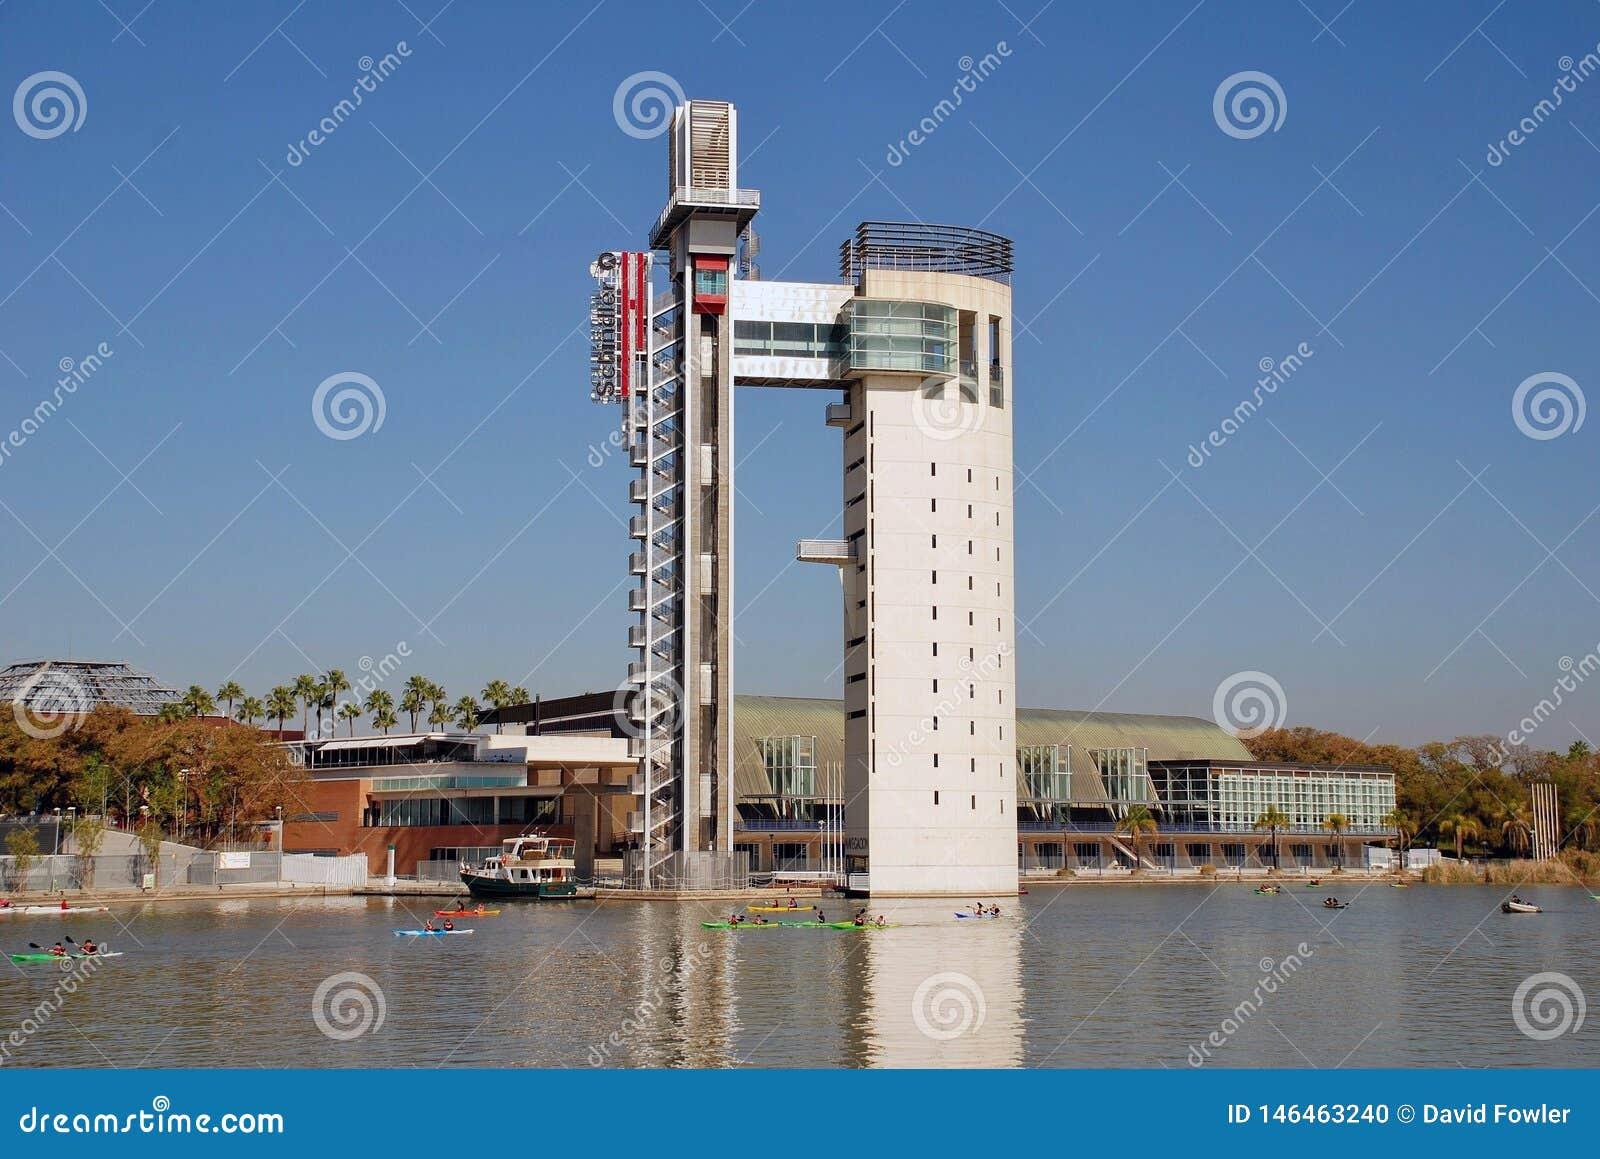 Torre Schindler, Seville